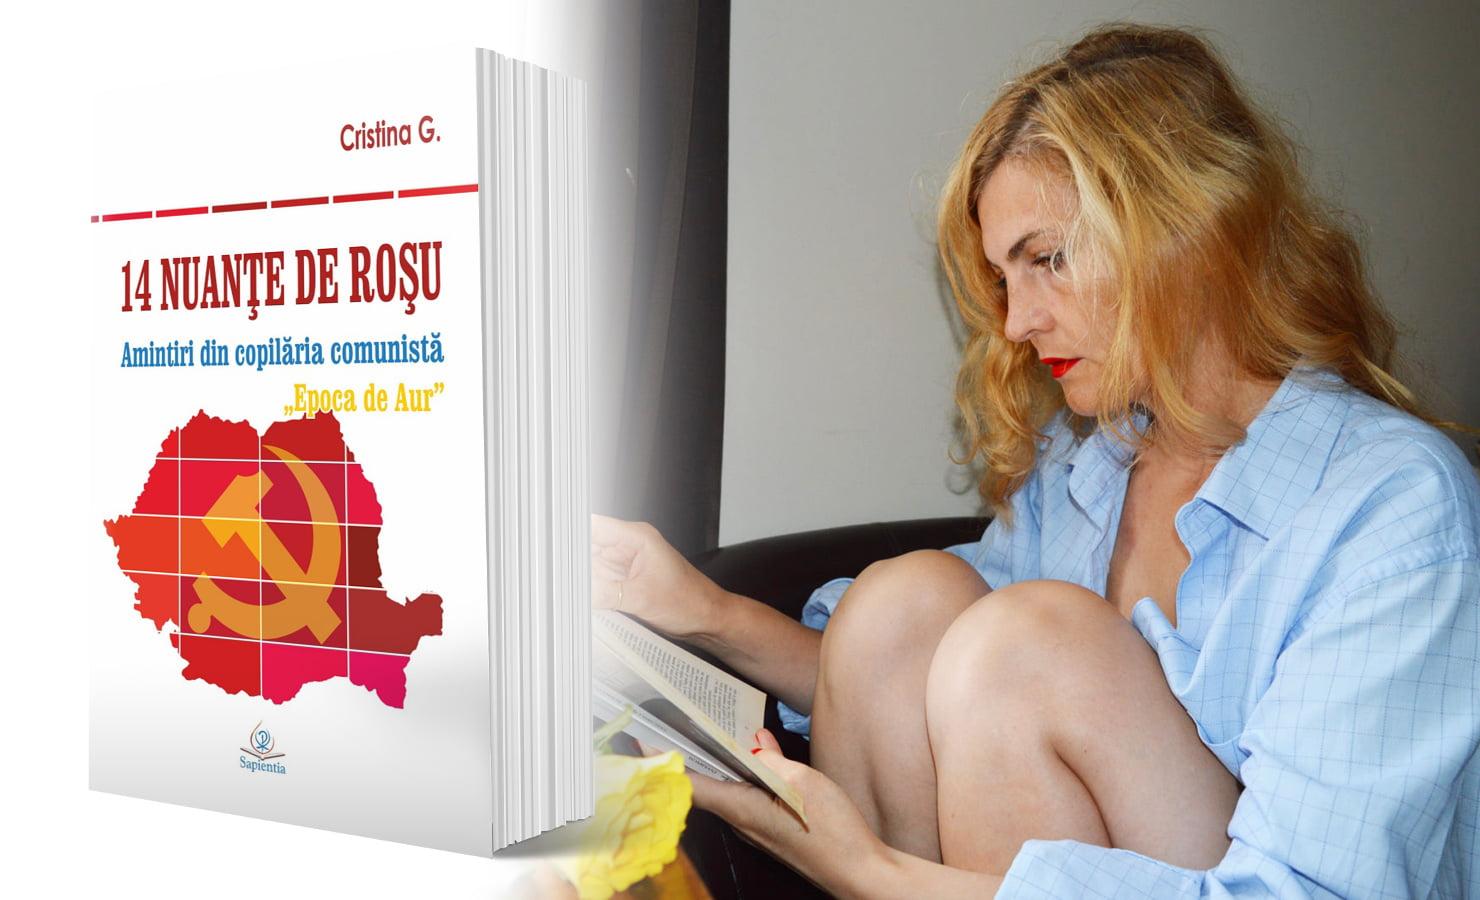 """Lansare de carte, duminică, la Gherăești, a autoarei Cristina Gherghel: """"14 nuanțe de roșu: Amintiri din copilăria comunistă"""""""